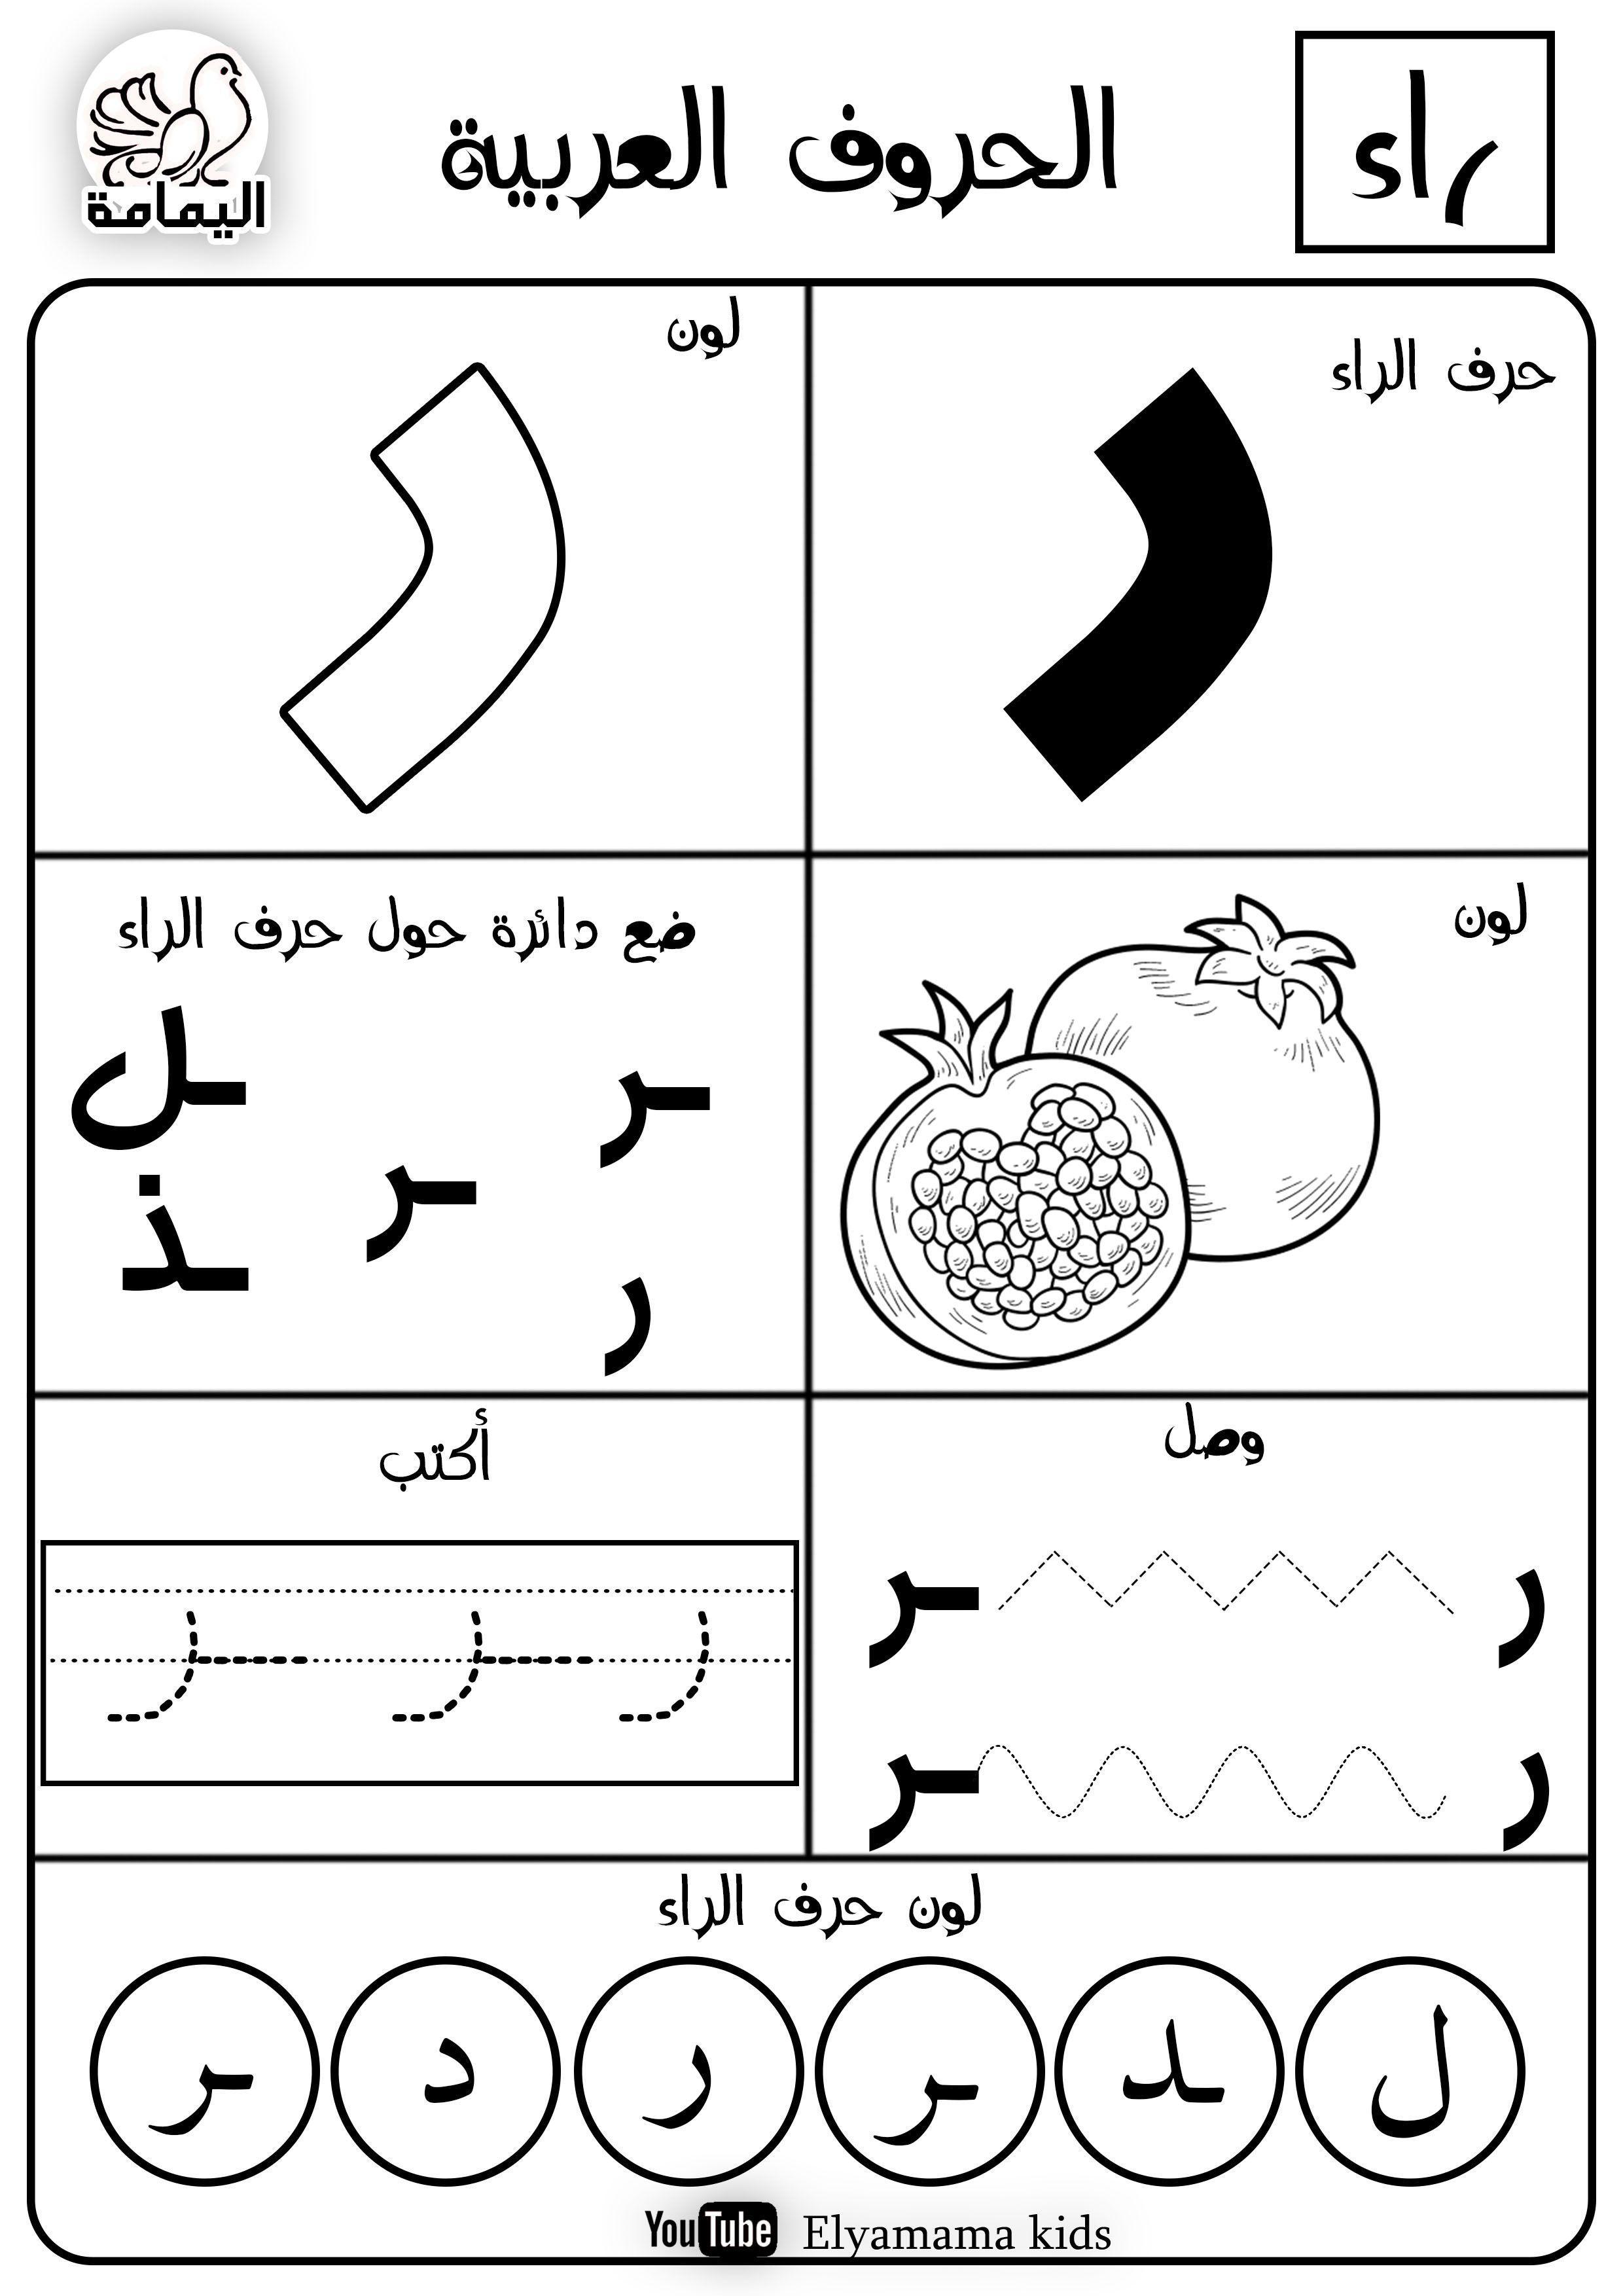 باء استراتيجيات تعليم أطفال أطفال الروضة روضتي مدرسة حروف عربي ألعاب عمل فني أطفال ت Learning Arabic Learn Arabic Alphabet Arabic Alphabet For Kids